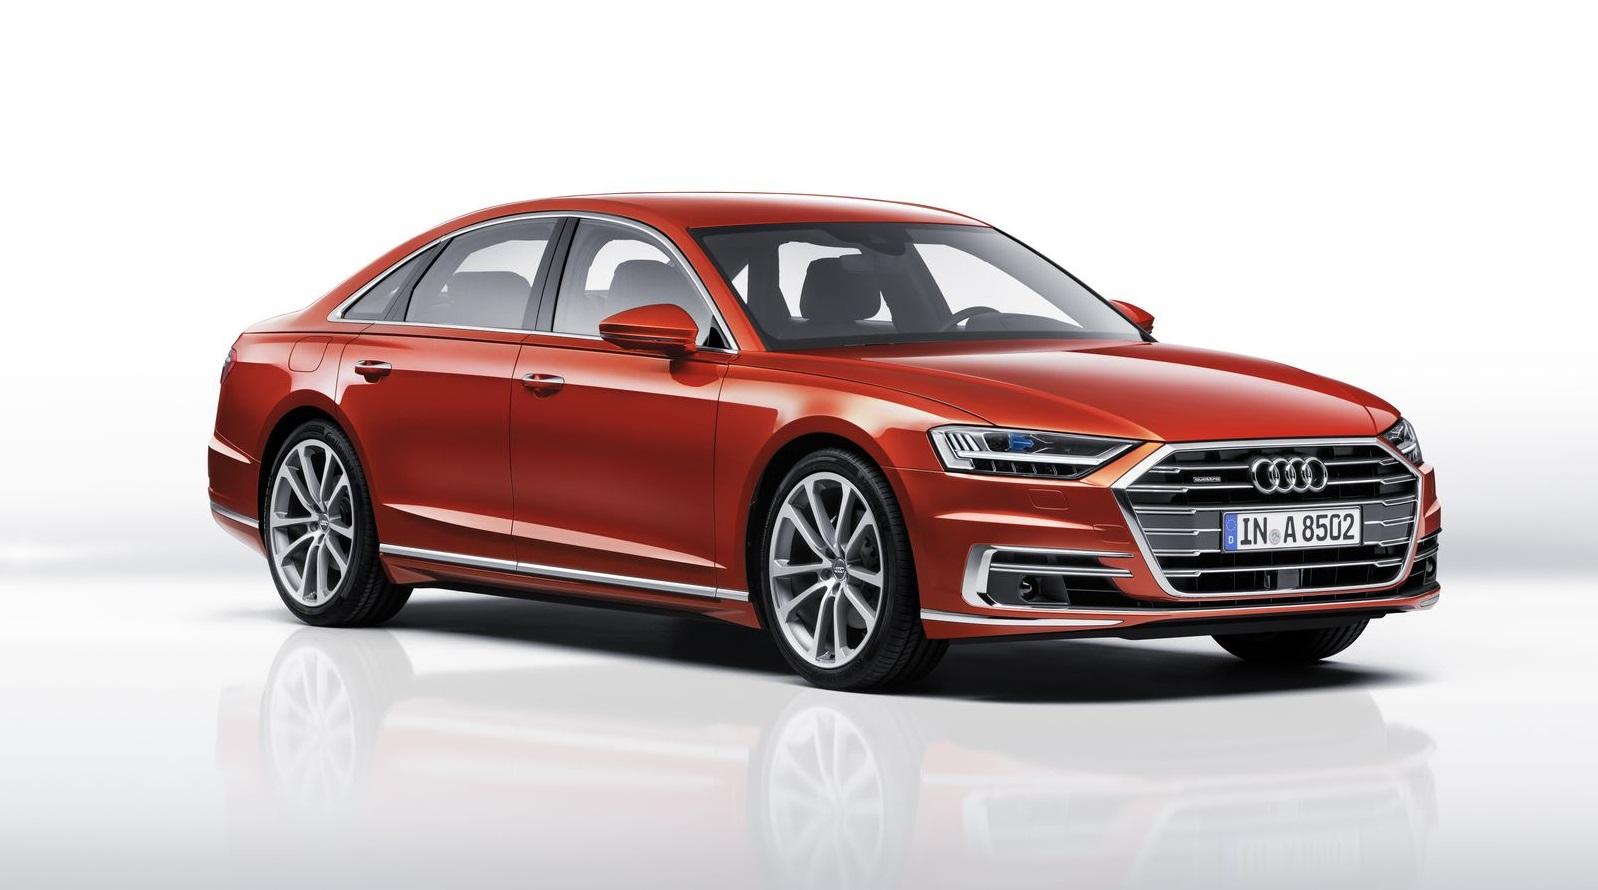 Audi представила свой новый флагманский седан A8 2018 года